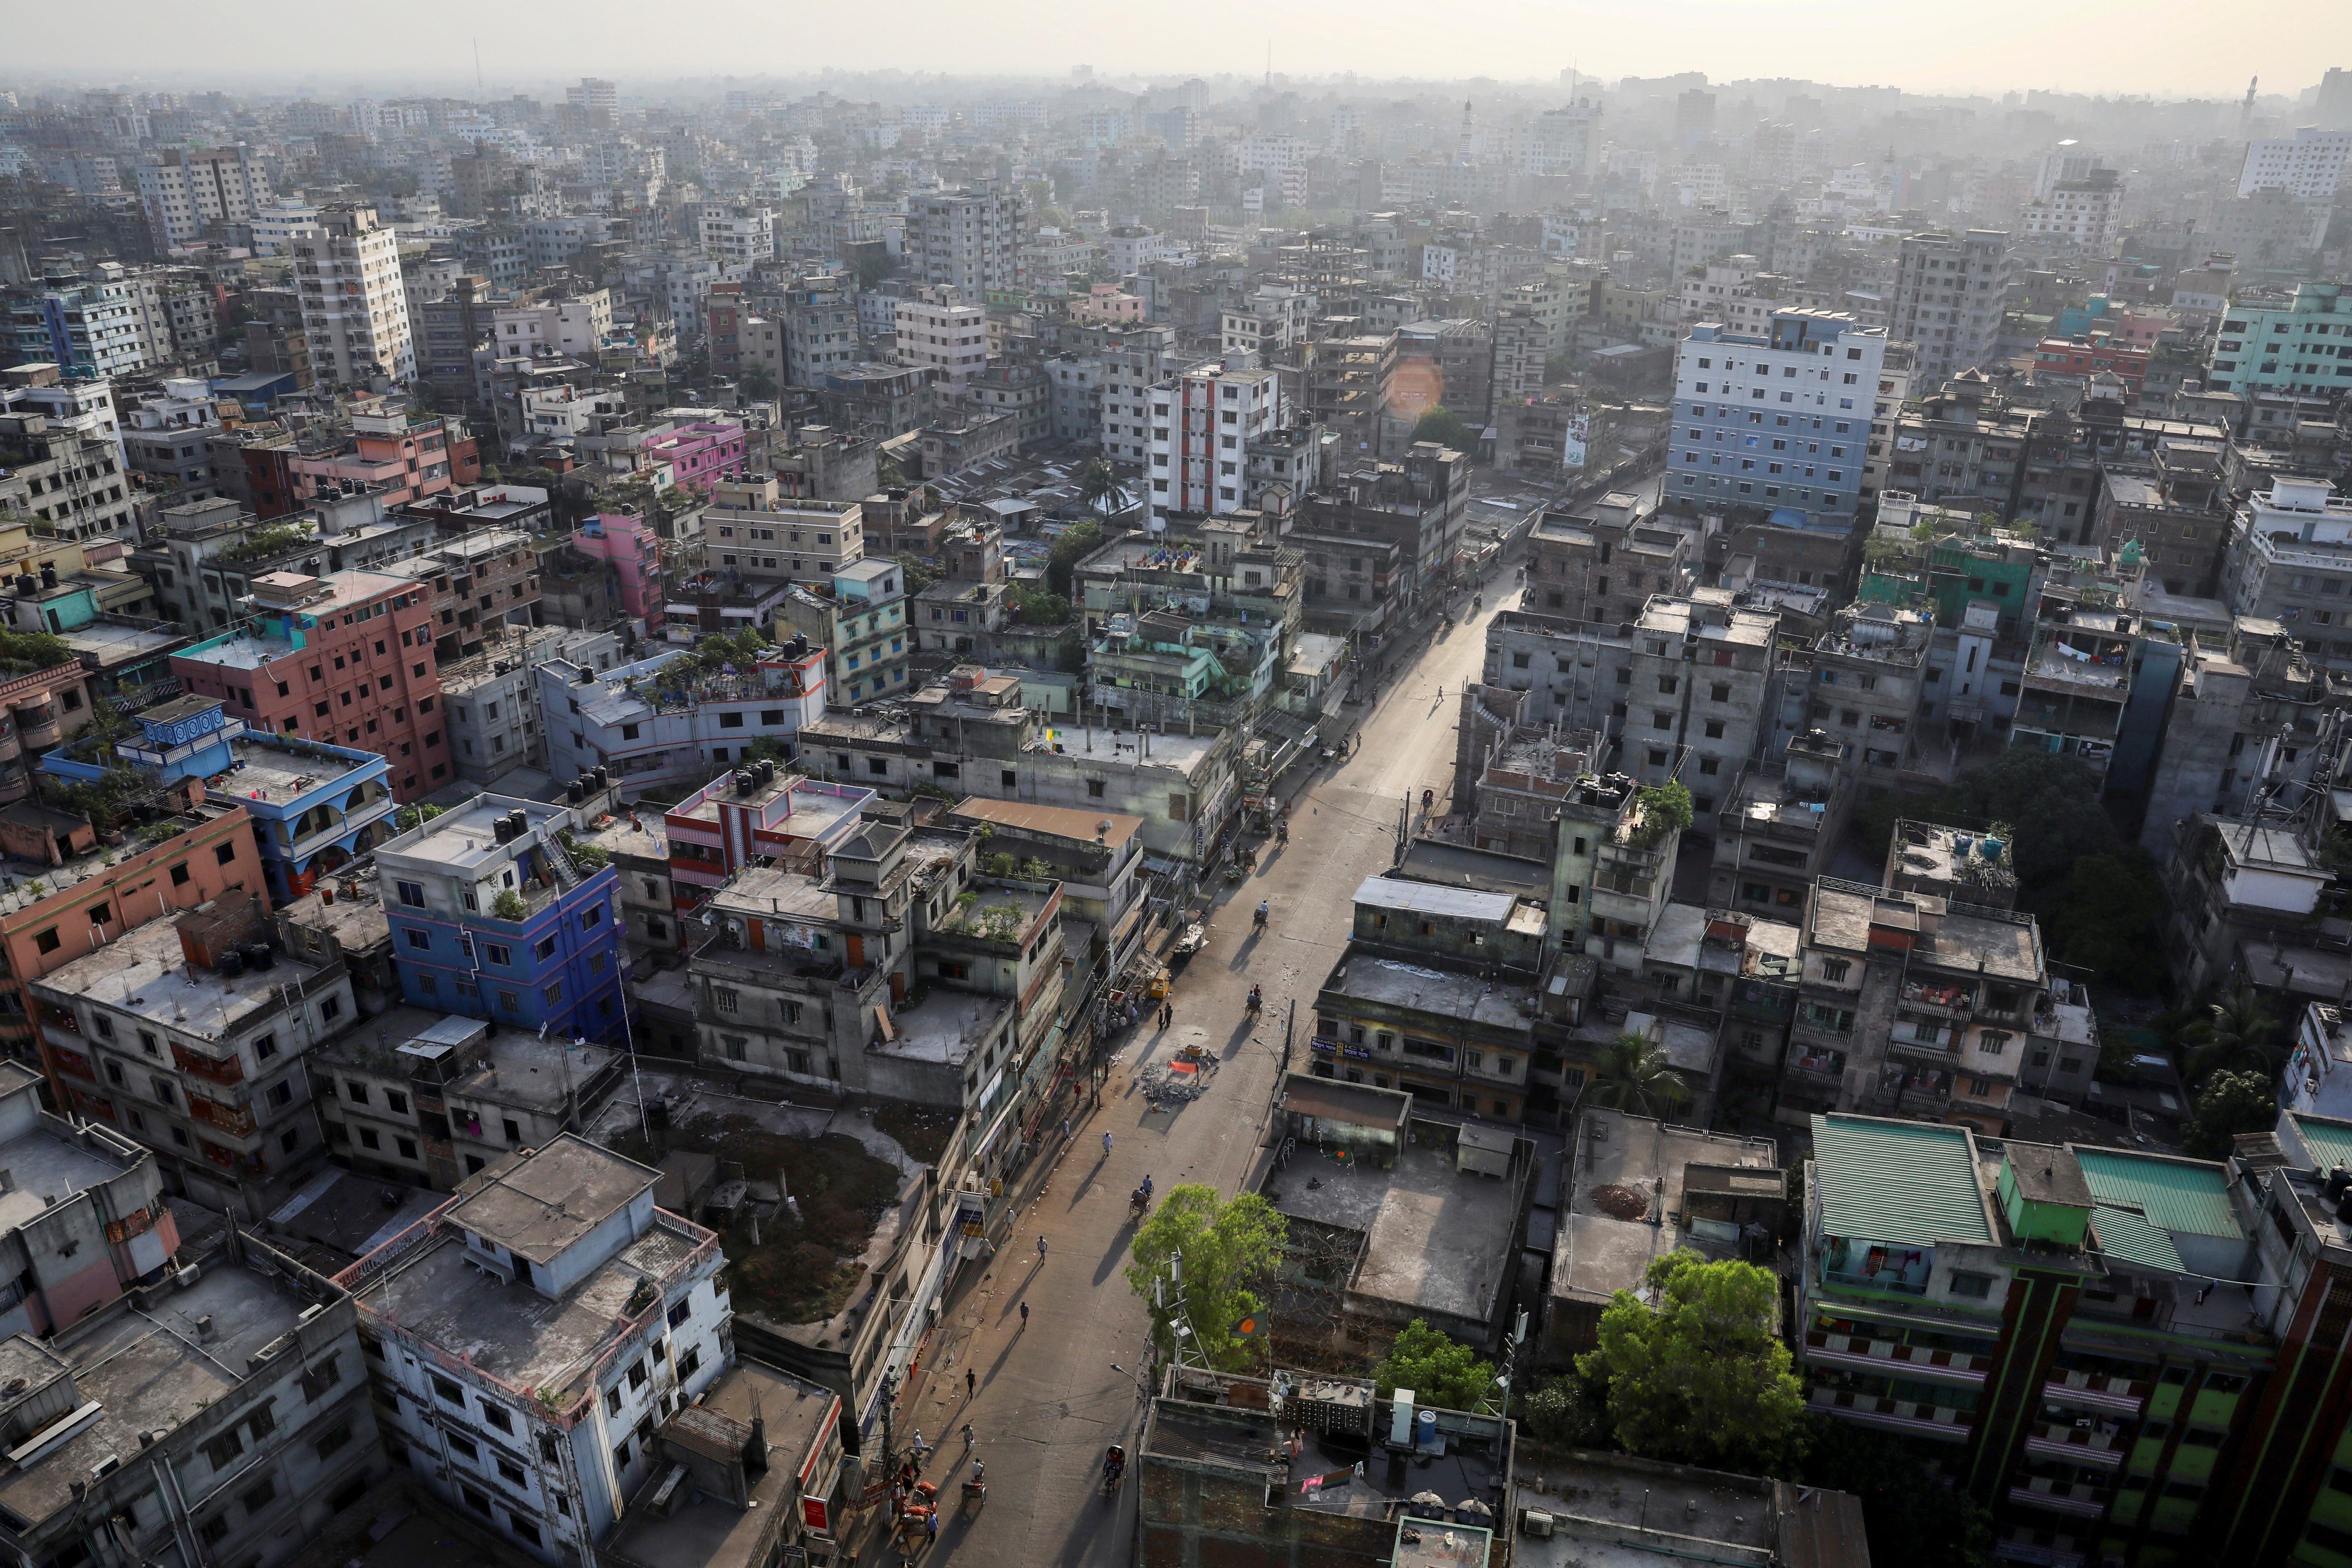 Bangladés es el octavo país más poblado del mundo, se destaca por su elevada densidad poblacional, la cual es comparable solo con la de pequeñas islas o microestados, pero inusual en países de gran extensión. Su tasa de pobreza es muy alta (REUTERS/Mohammad Ponir Hossain)